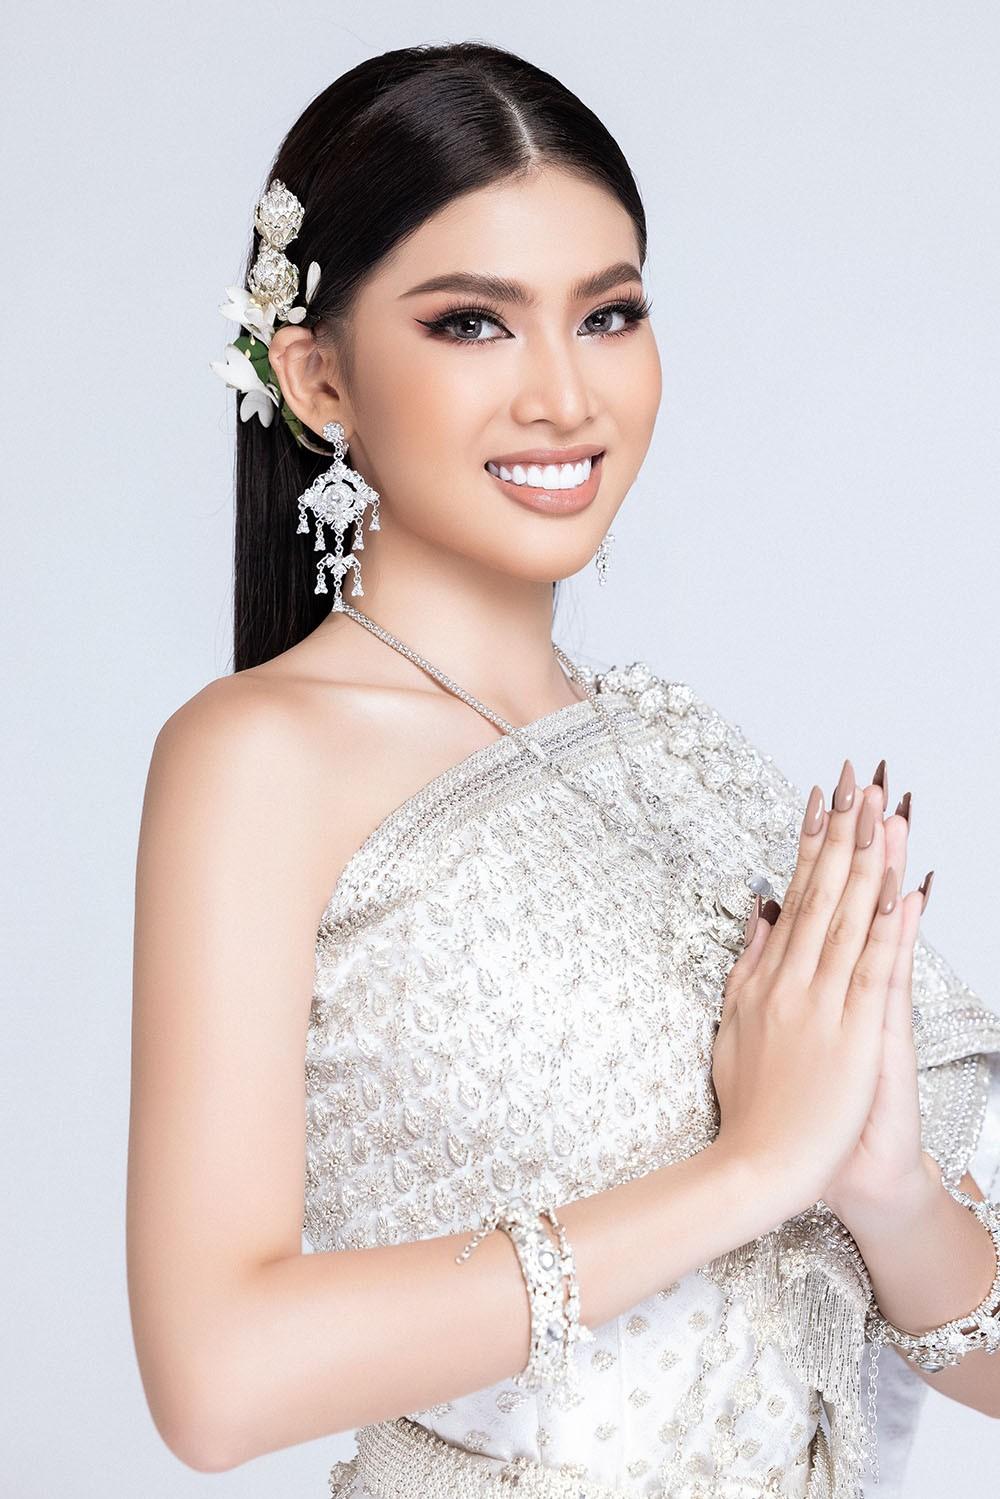 Sau khi bị hack instagram, Ngọc Thảo tung bộ ảnh đẹp 'đỉnh cao' khi mặc quốc phục Thái Lan ảnh 6